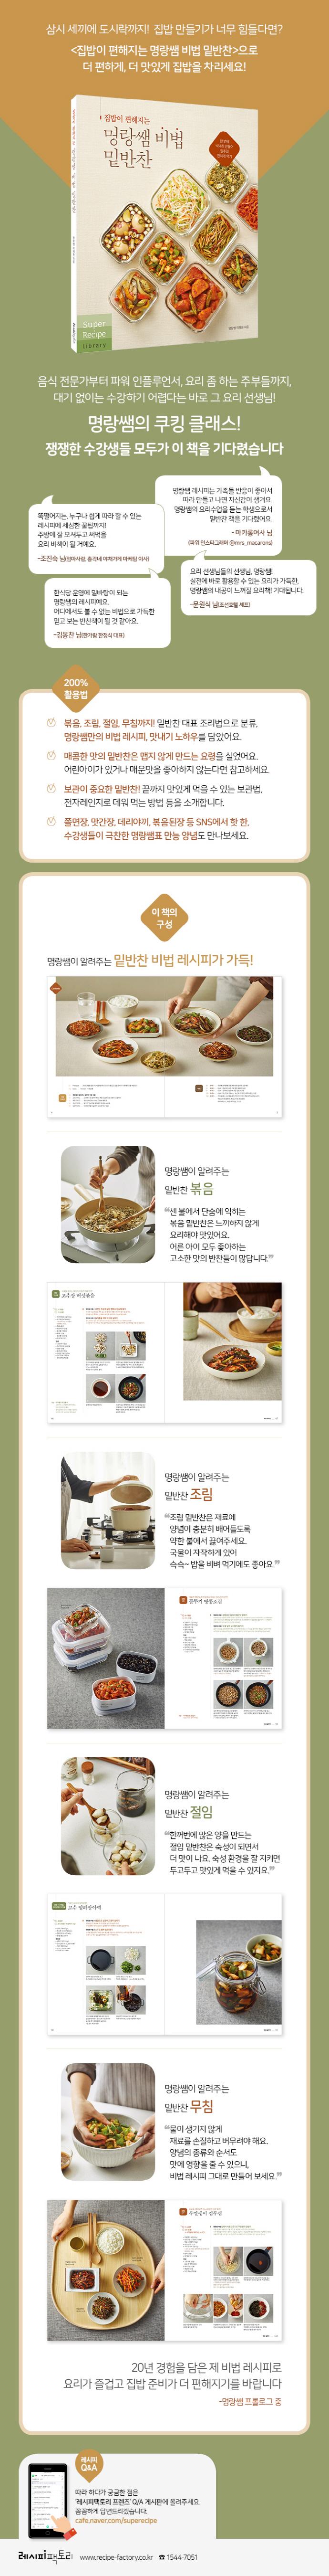 집밥이 편해지는 명랑쌤 비법 밑반찬 도서 상세이미지